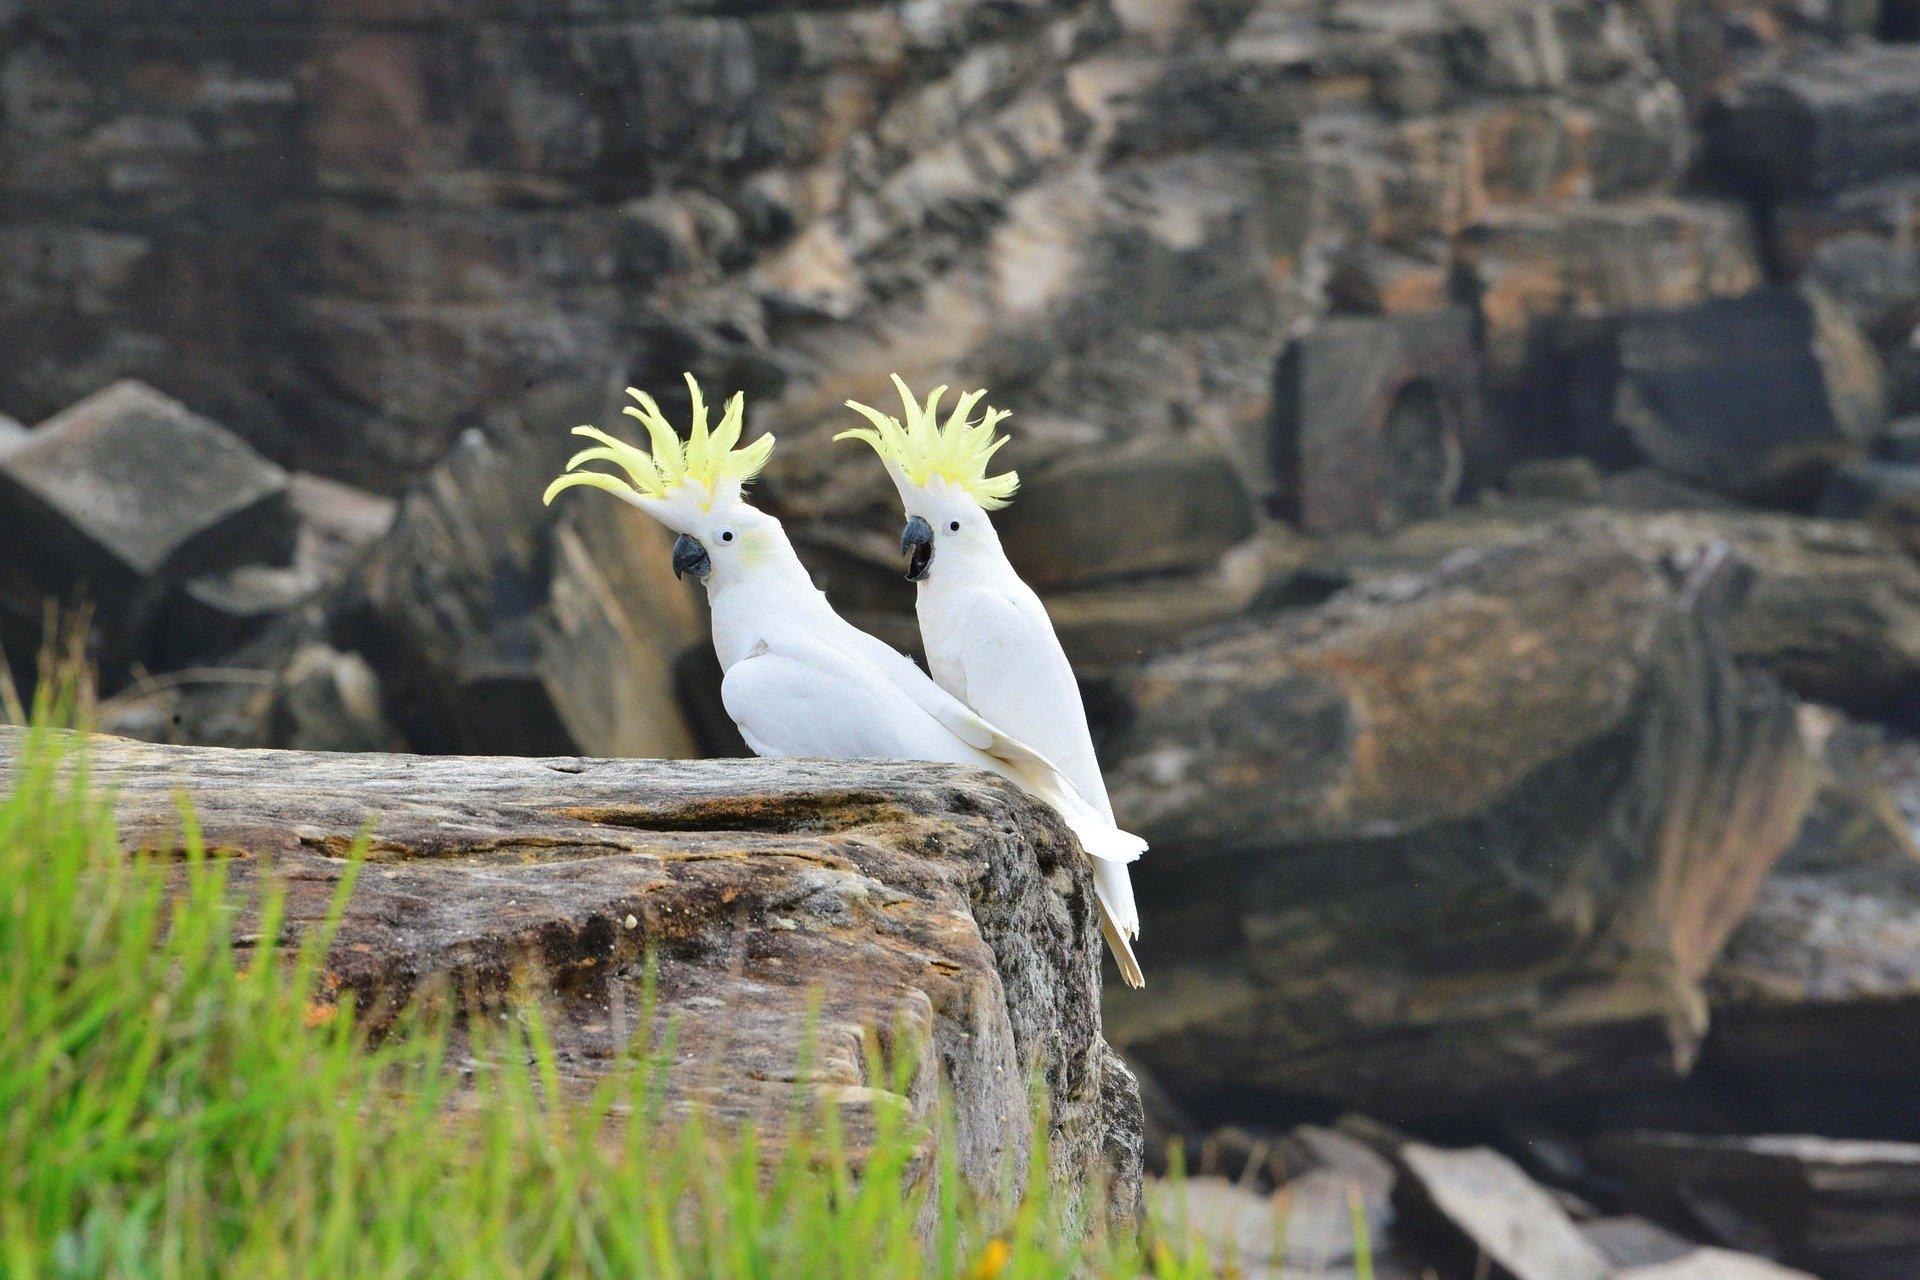 Der Kakadu soll der beste Vogelfreund des Menschen sein.